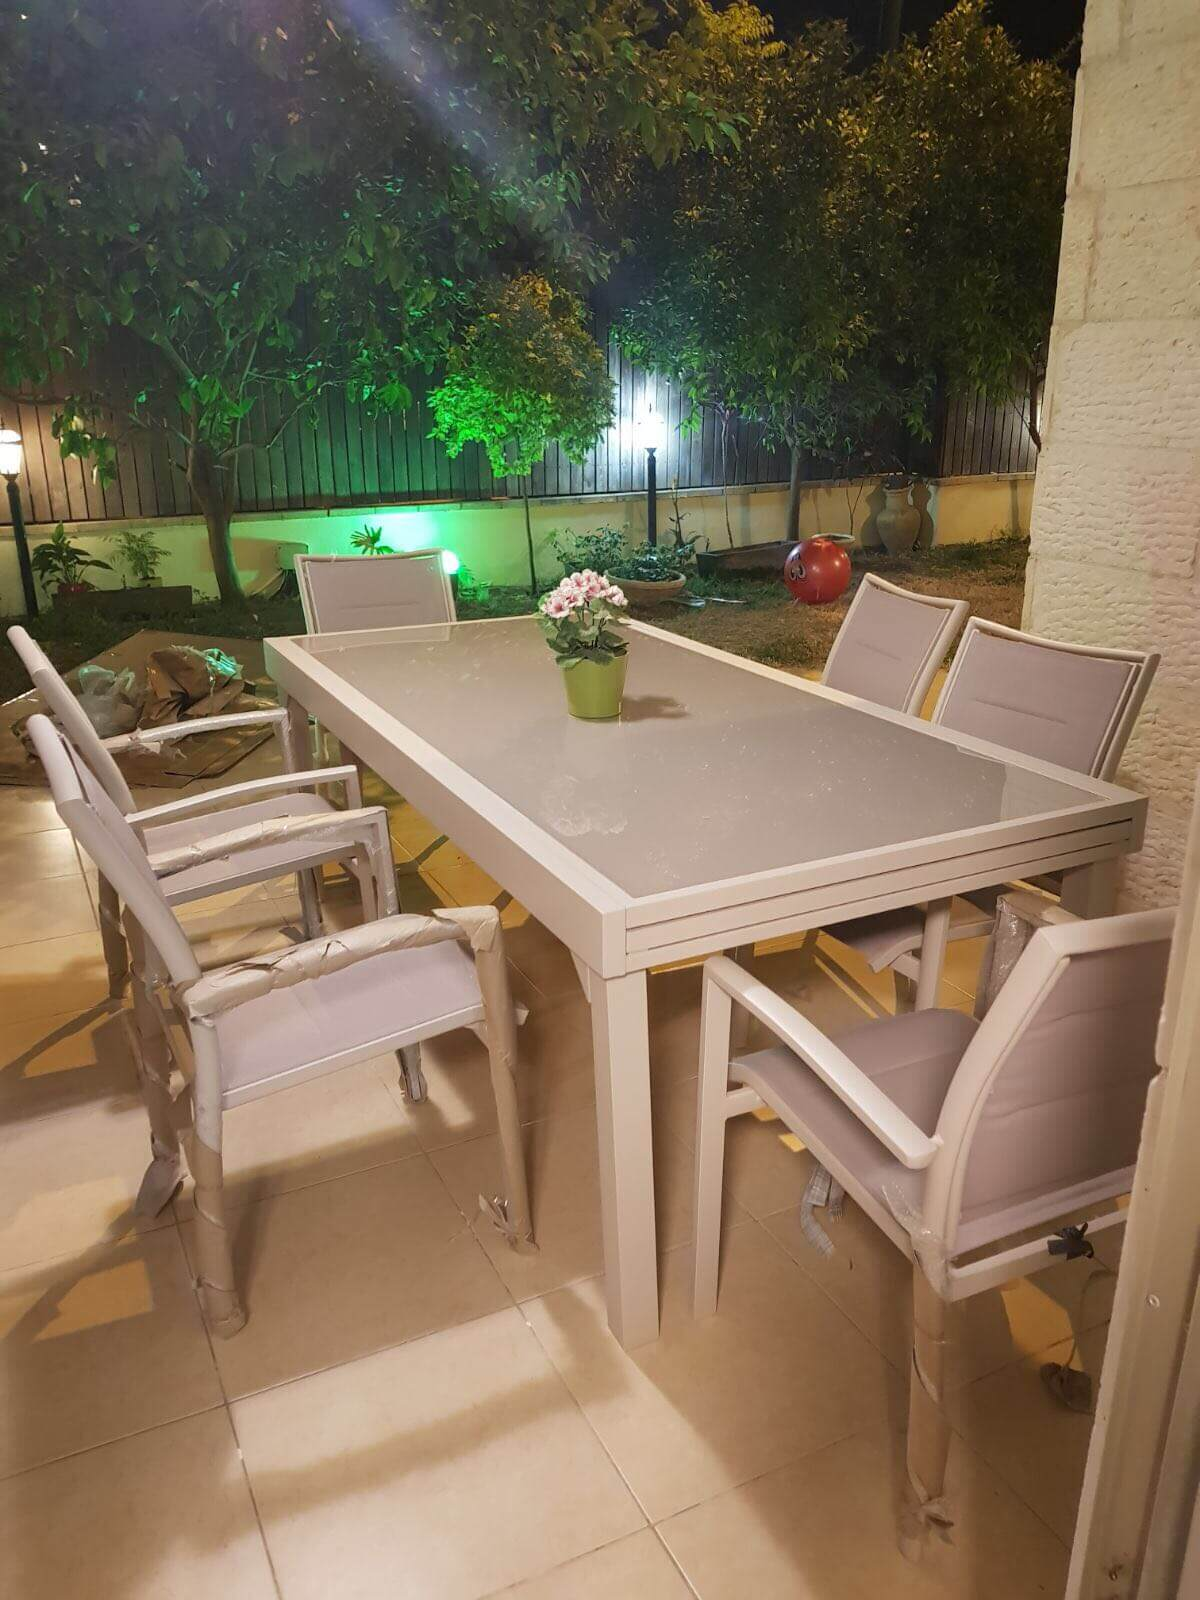 שולחן נפתח לגינה 100x200/320 צבע בז' + 6 כסאות מרופדים